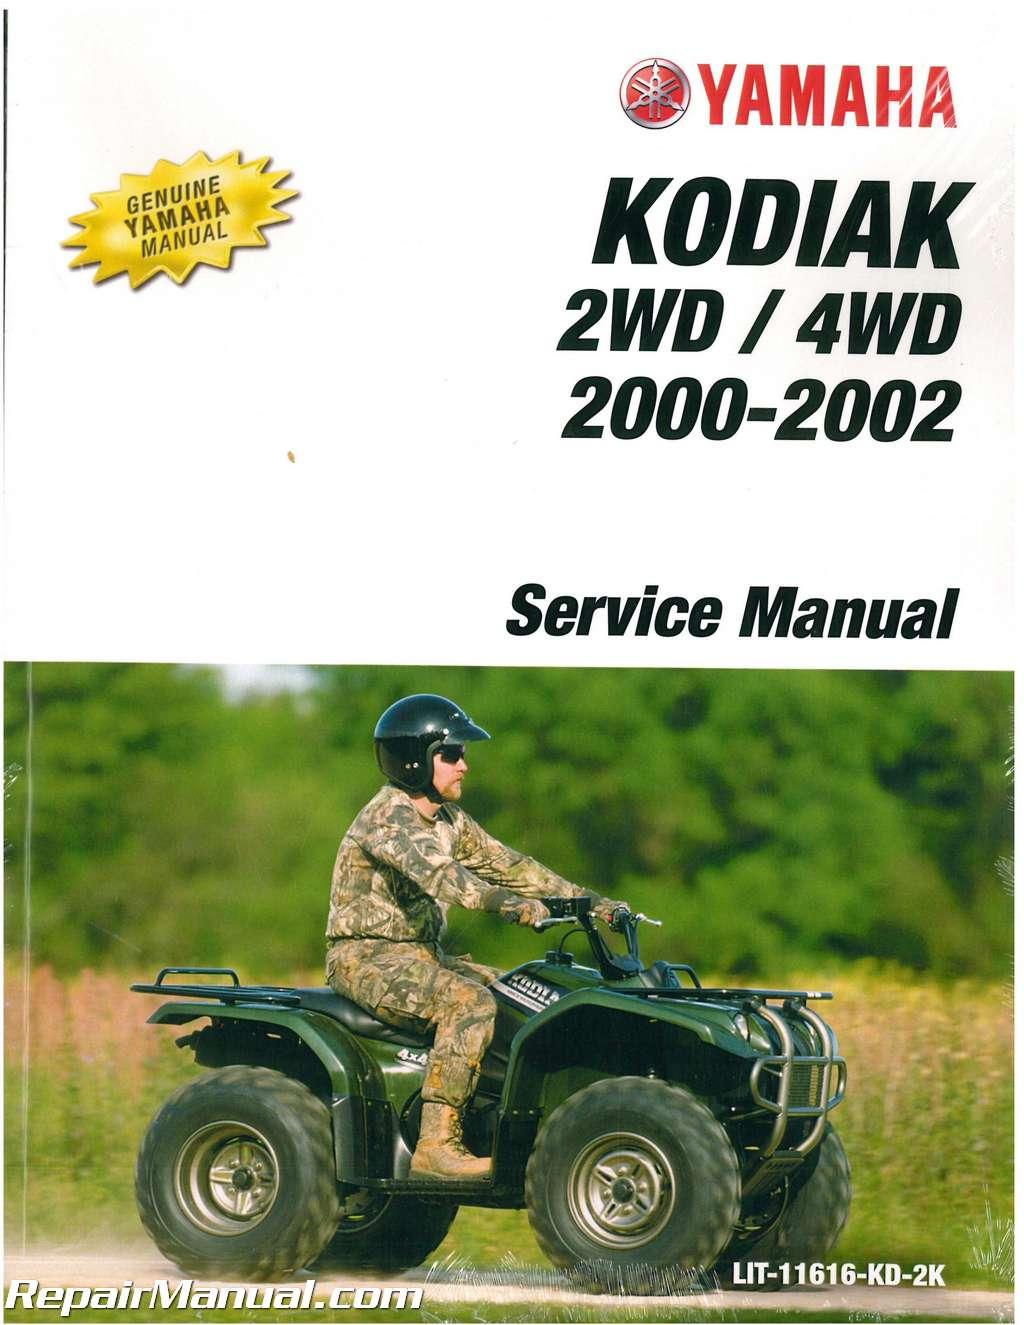 2000 2002 yamaha yfm400 kodiak atv service manual rh repairmanual com 2000 yamaha kodiak 400 repair manual 2000 yamaha kodiak 400 4x4 repair manual